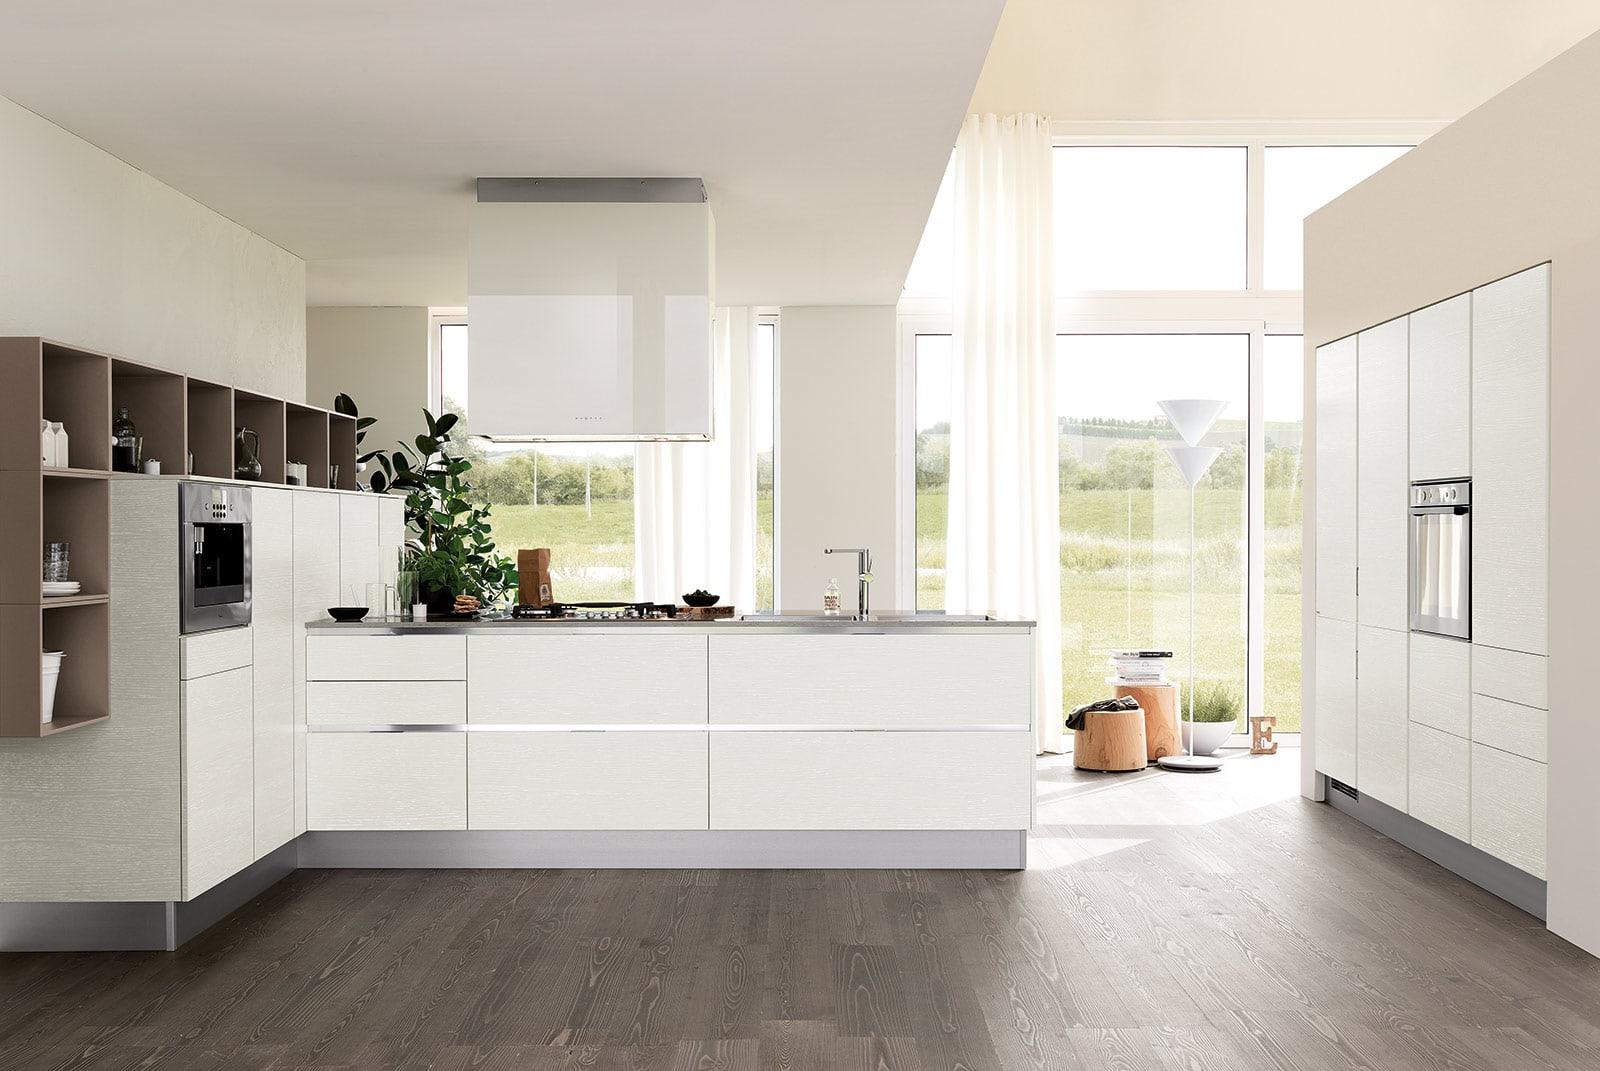 Arredamento casa progetto 019 sos architetto andrea for Riviste arredamento casa